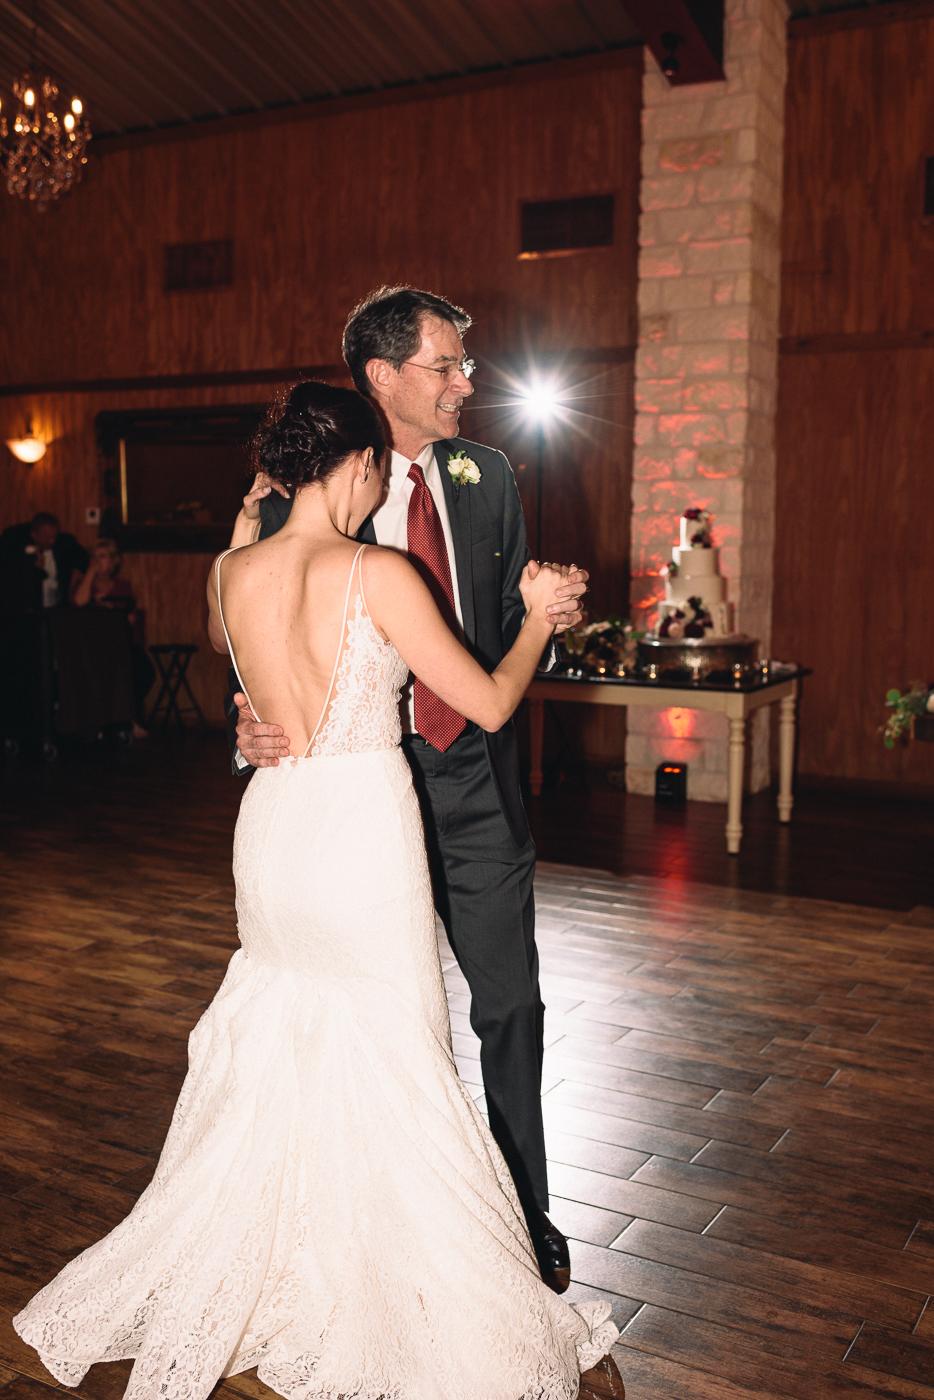 magnolia.texas.wedding (73 of 85).jpg